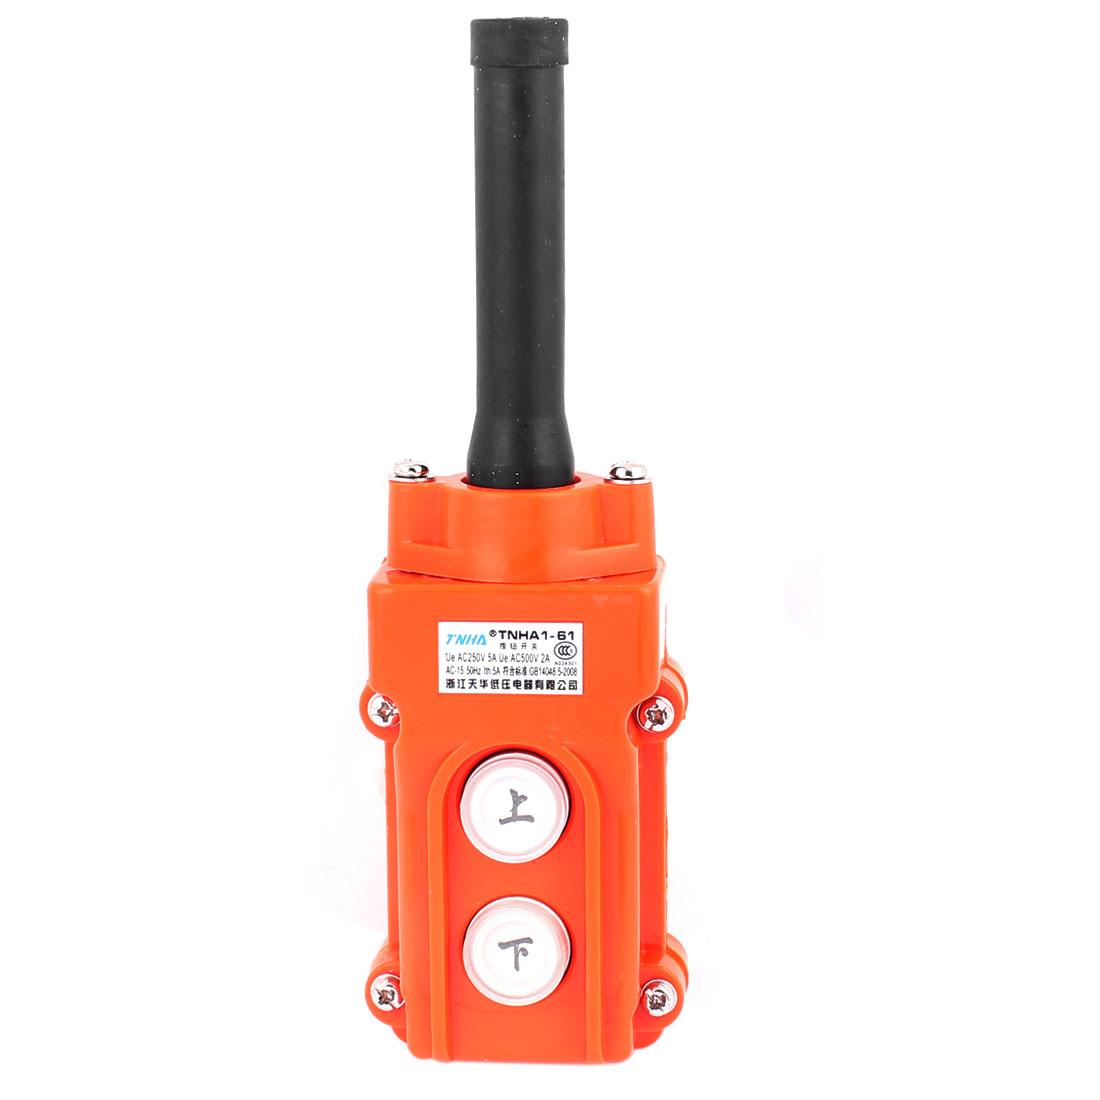 Up-Down Rain Proof 2 Button Pendant Pushbutton Switch for Hoist Crane